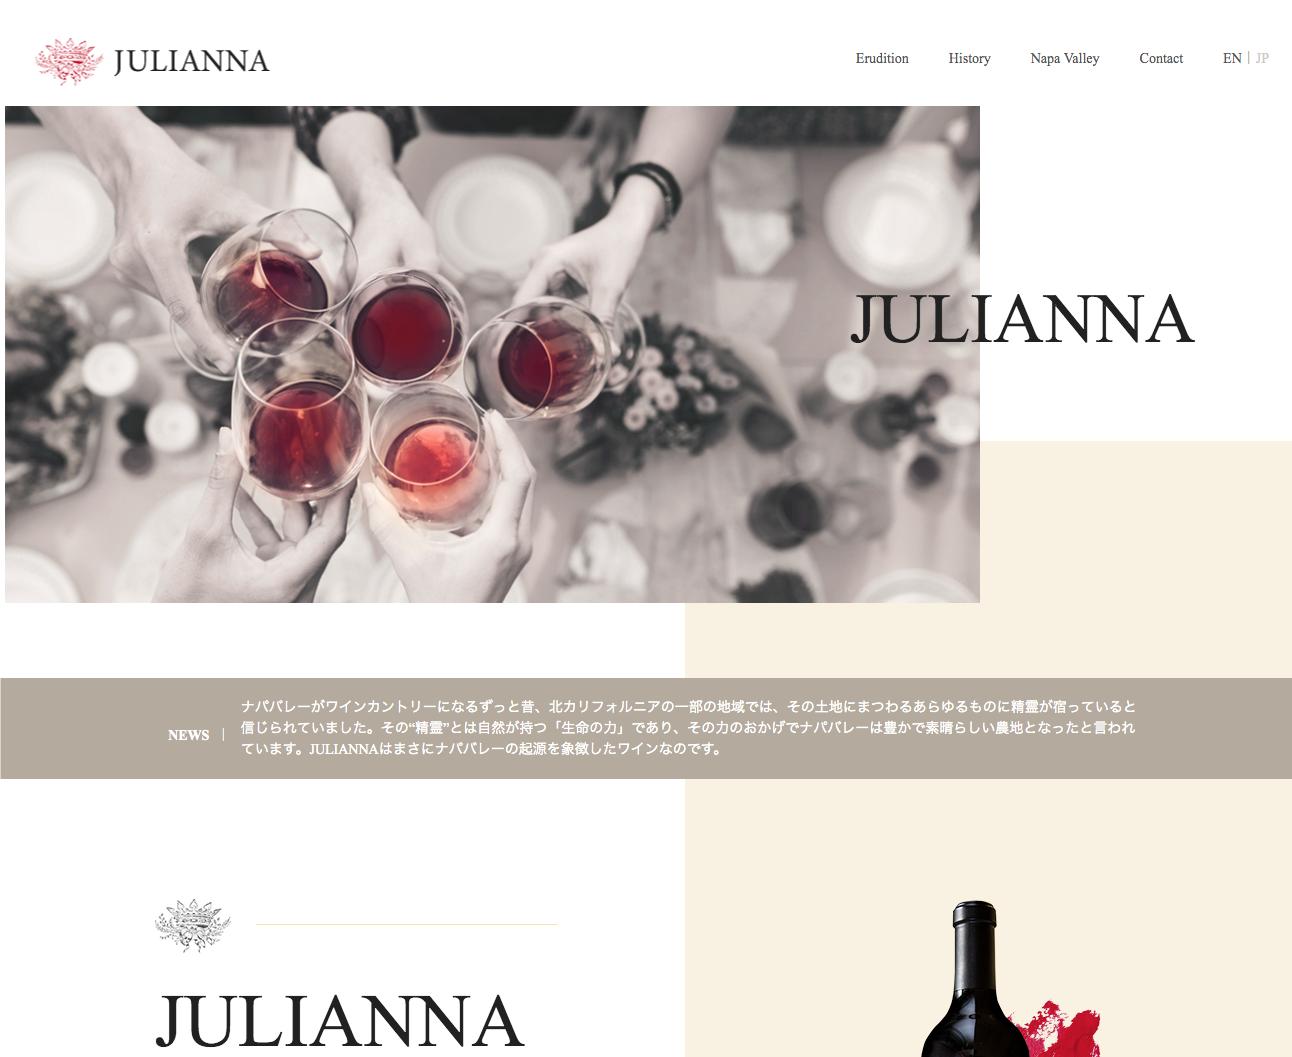 JULIANNA WINE